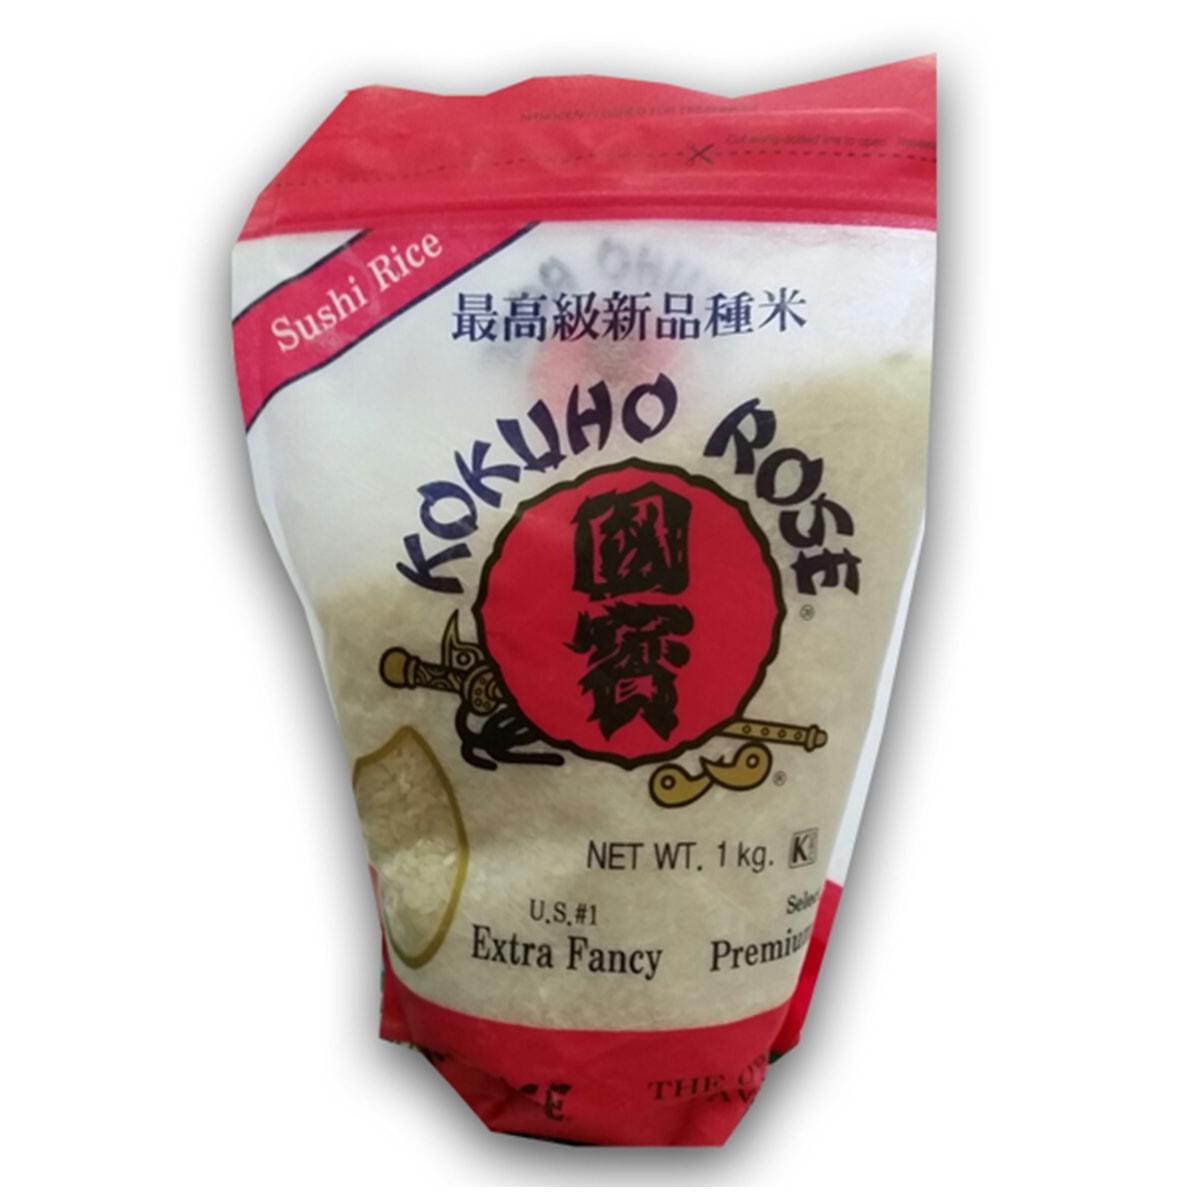 Buy Kokuha Rose Sushi Rice (Sticky Rice) - 1 kg